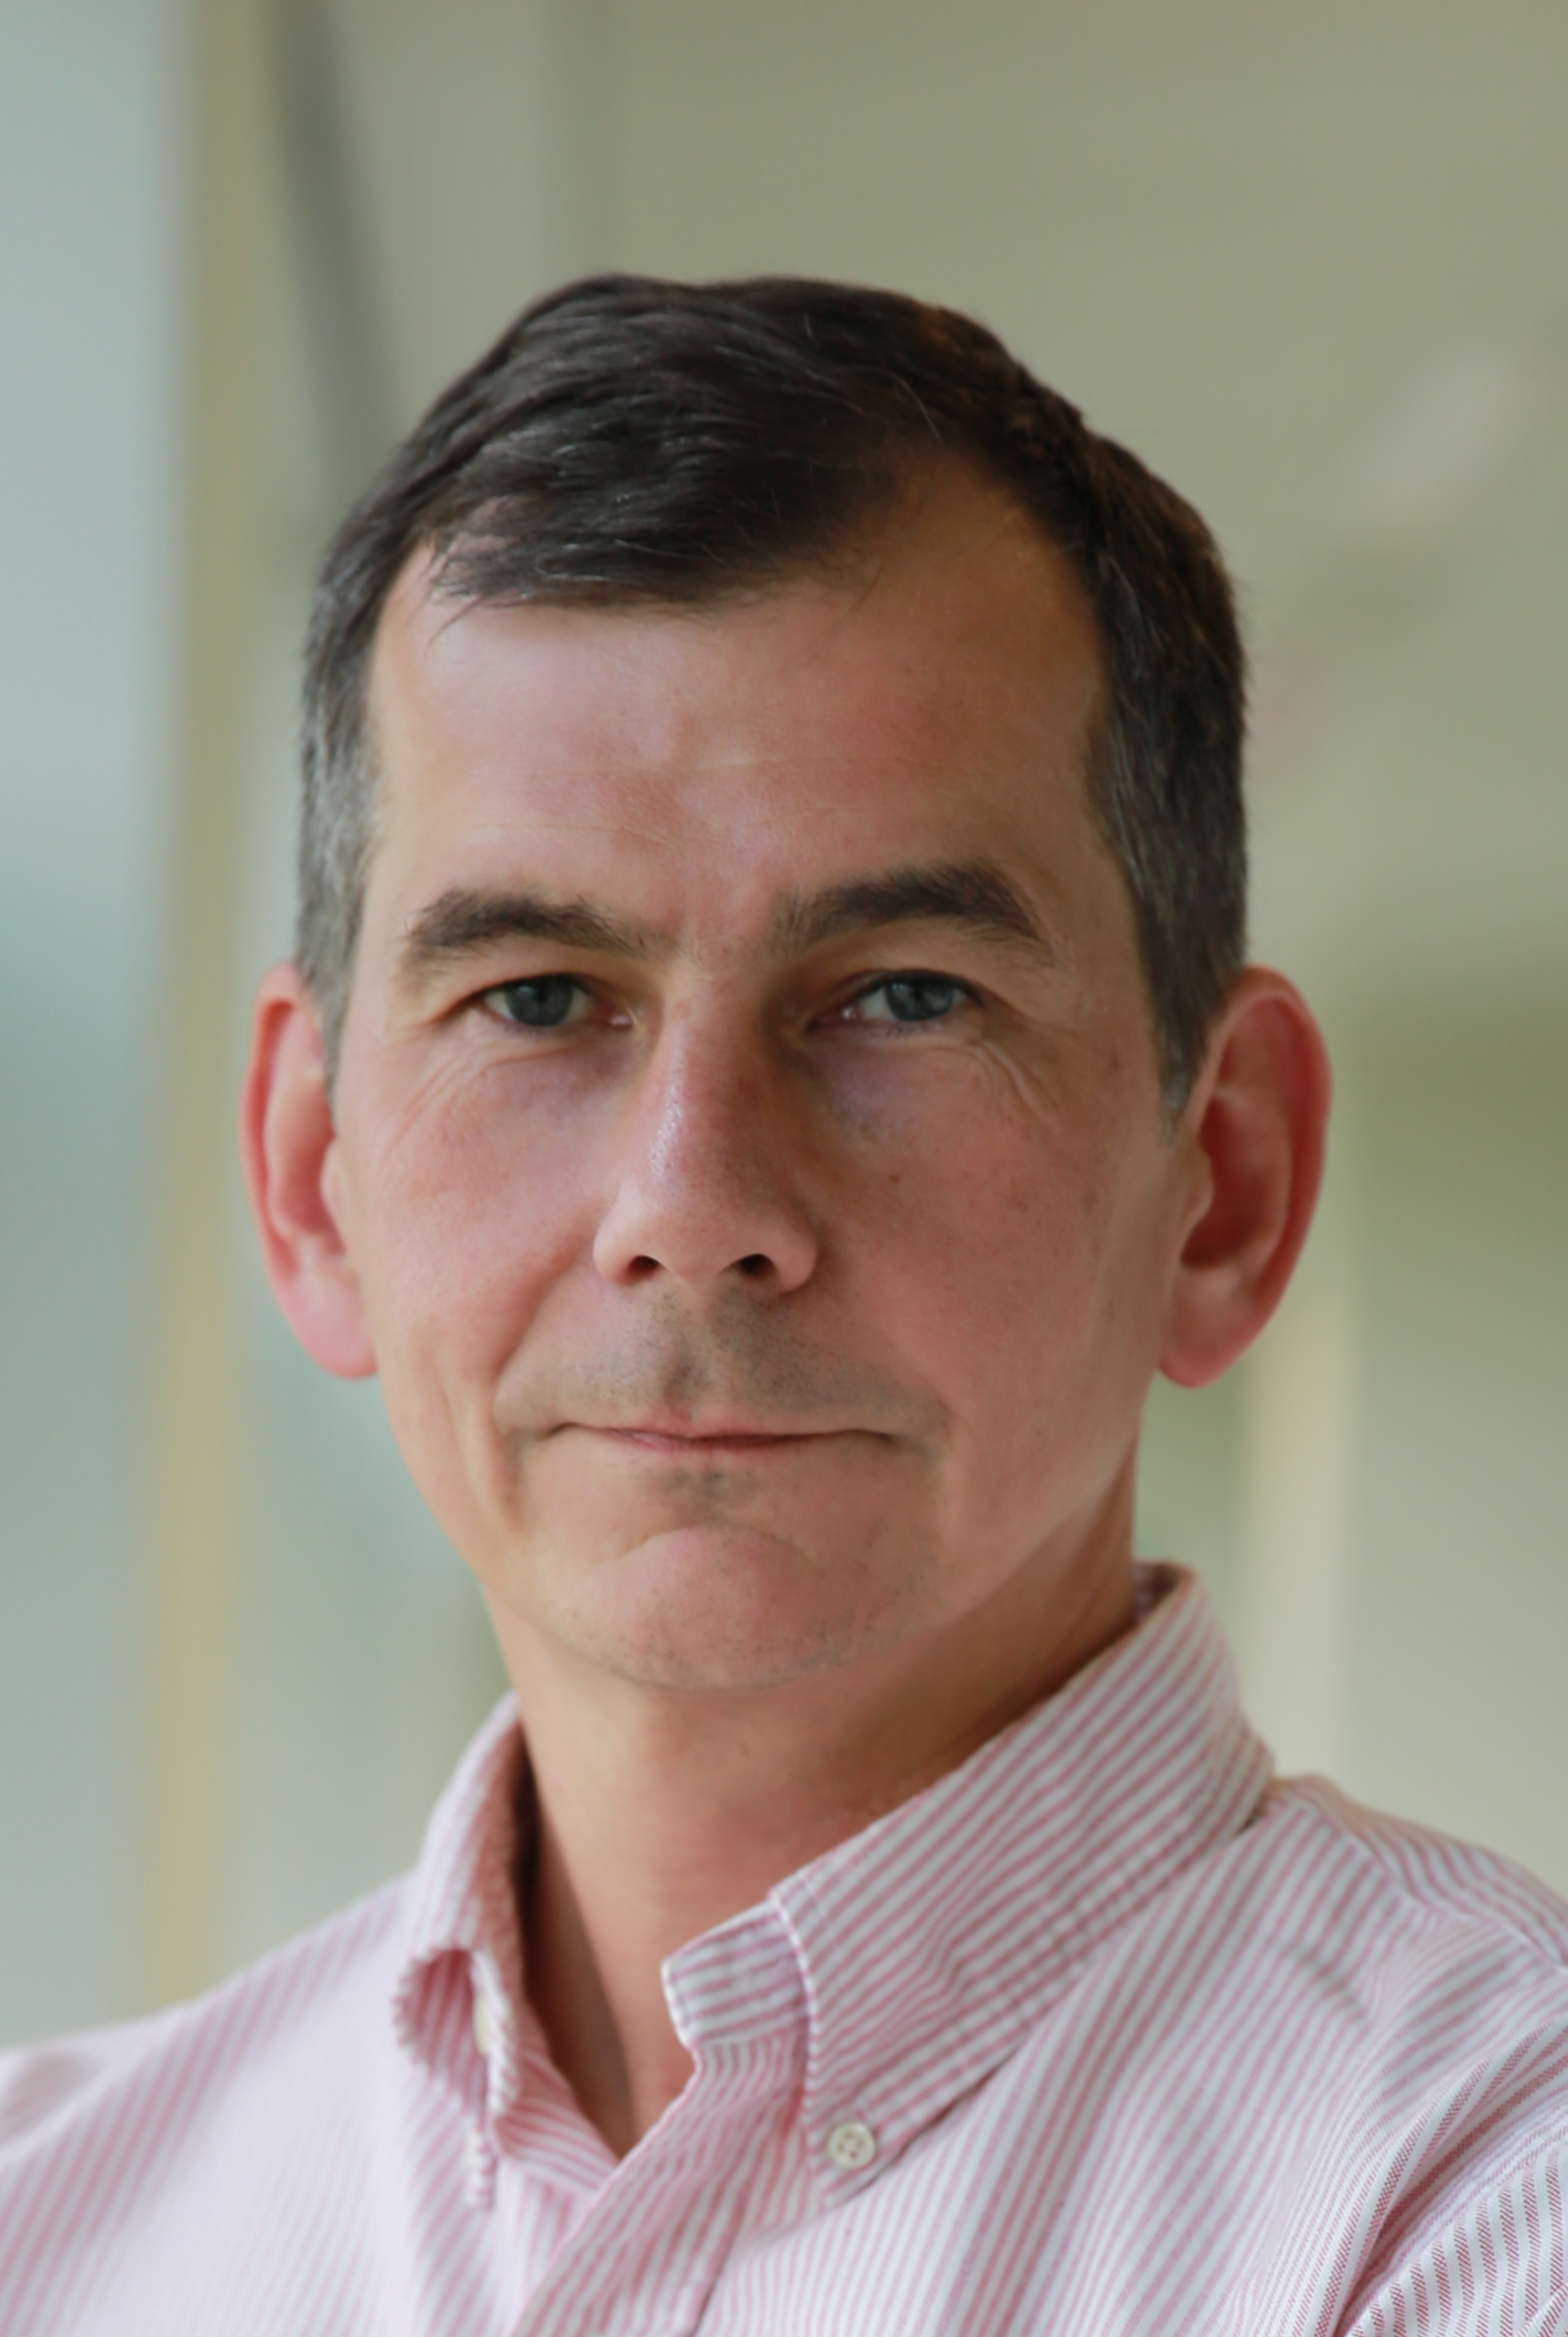 Ian Churcher BenevolentAI